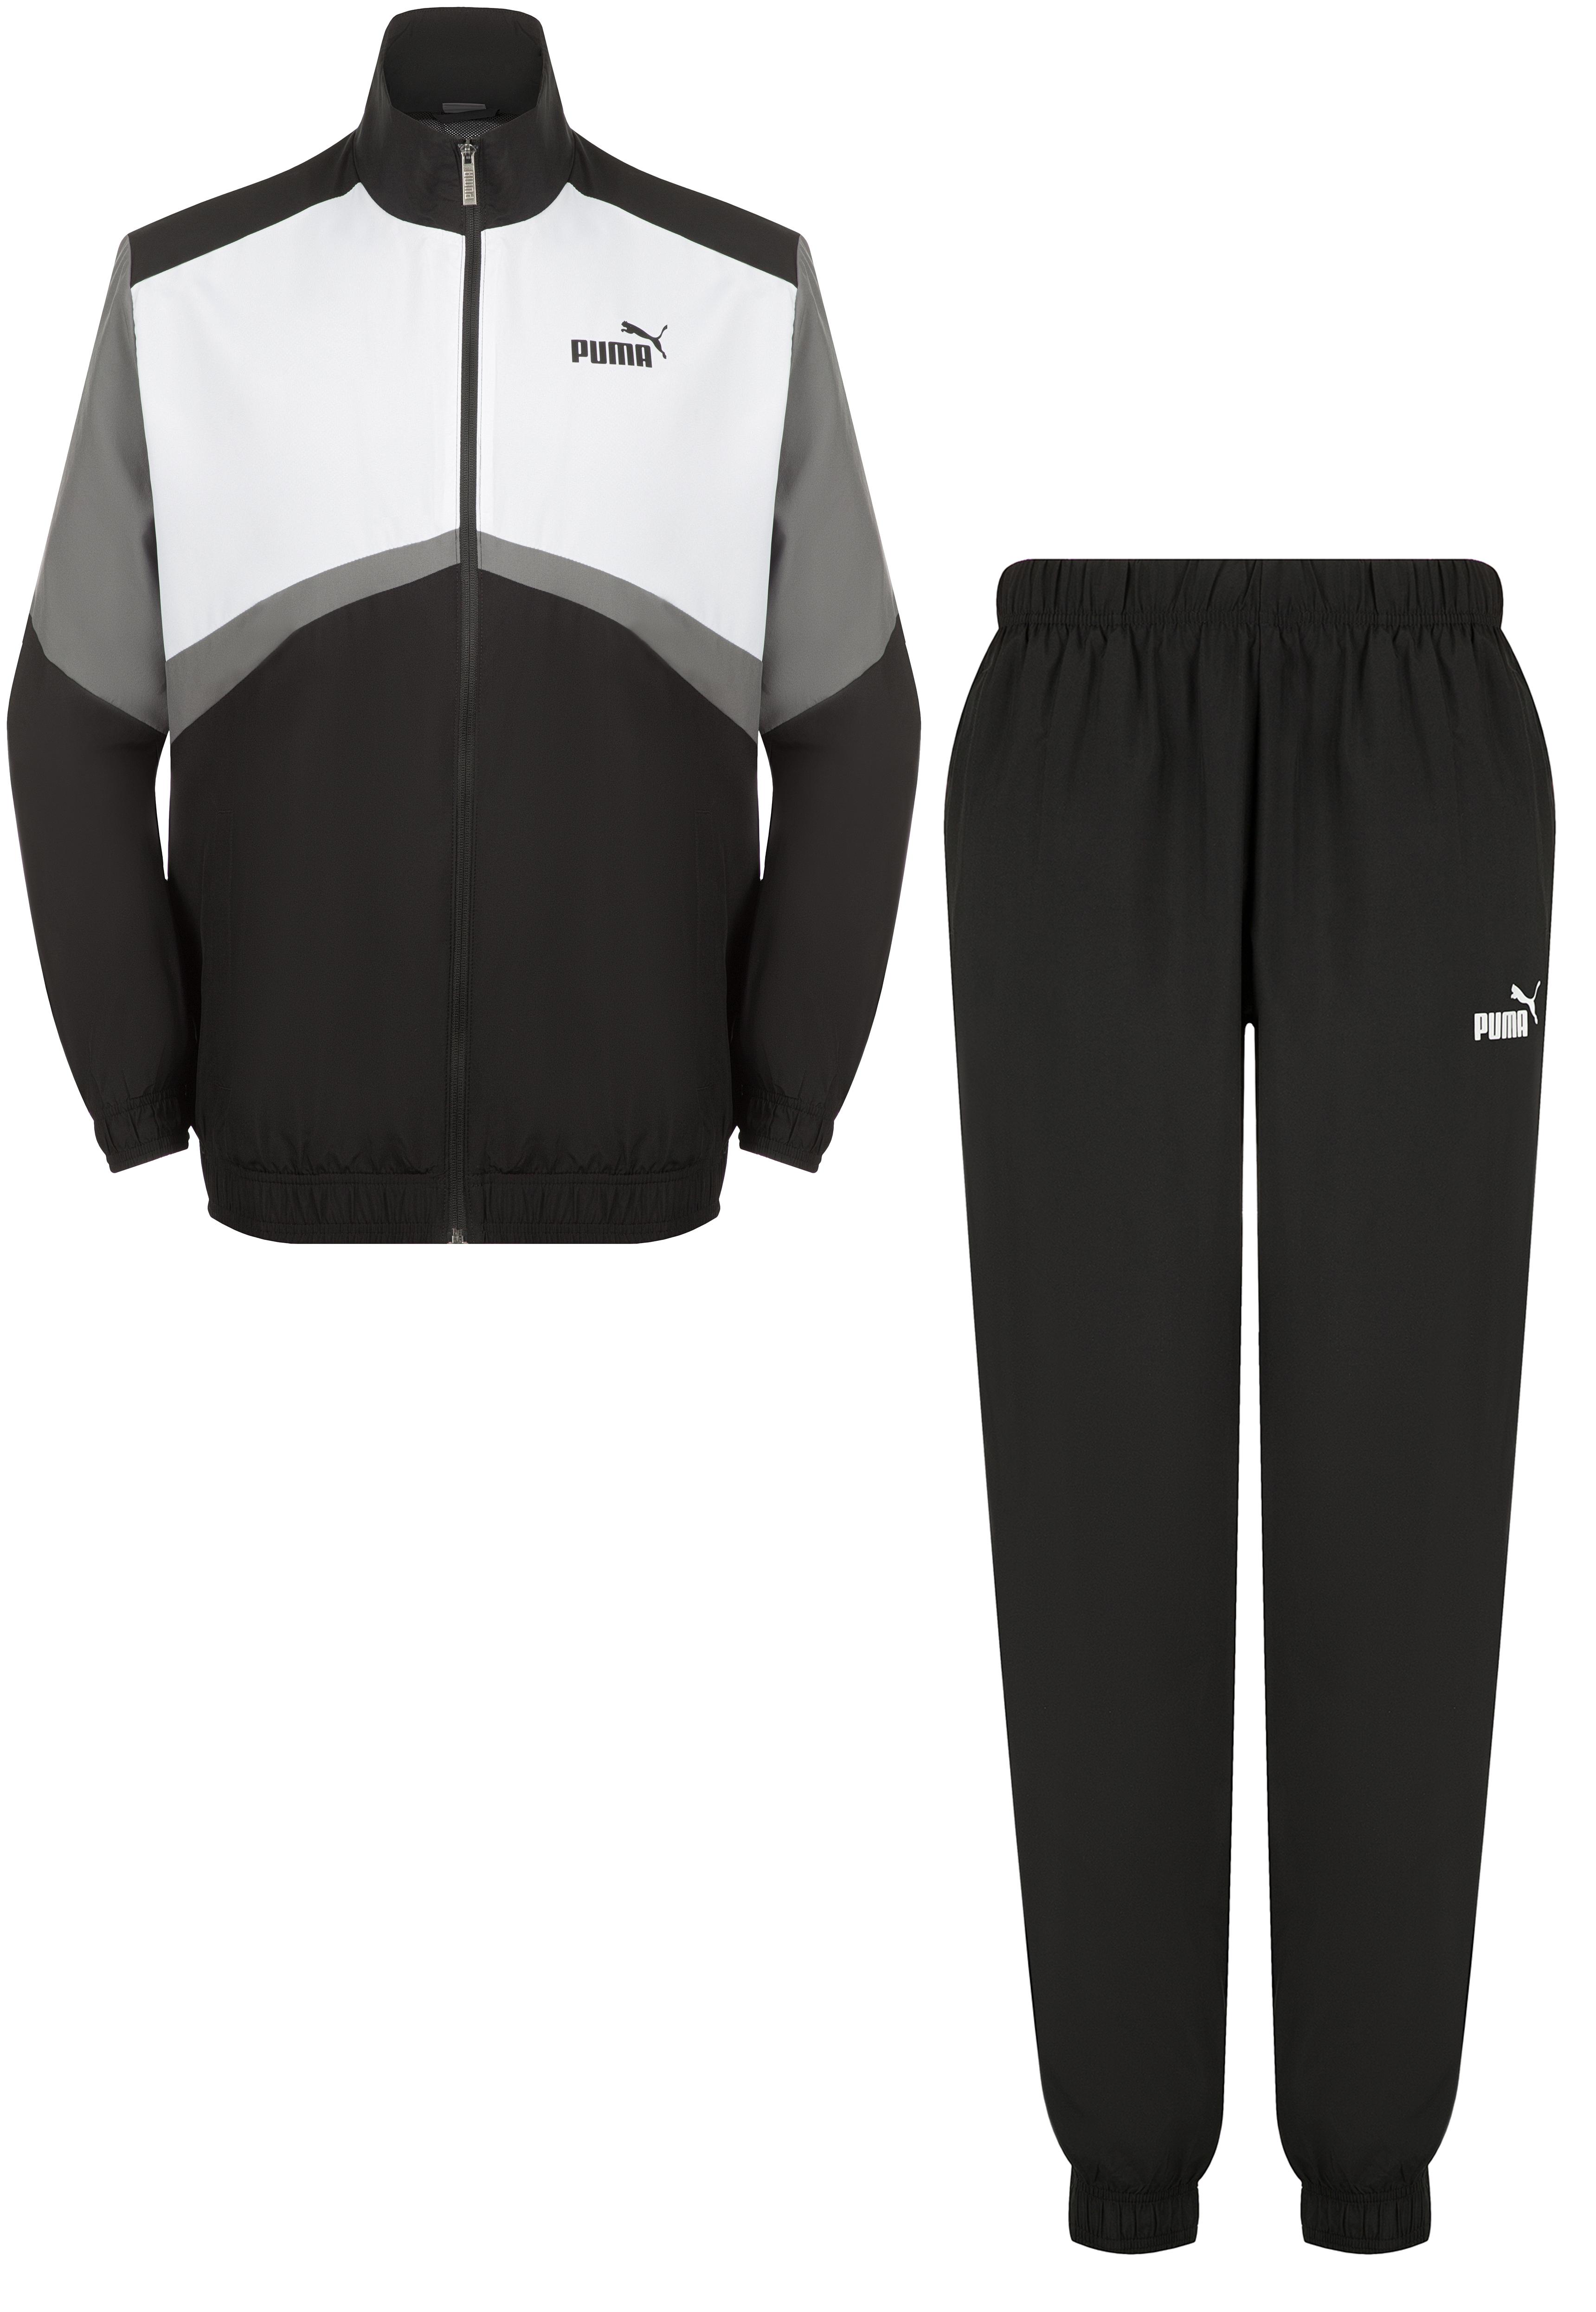 Puma Спортивный костюм мужской Puma CB Retro, размер 46-48 костюм спортивный malaeva malaeva mp002xw1hr1n